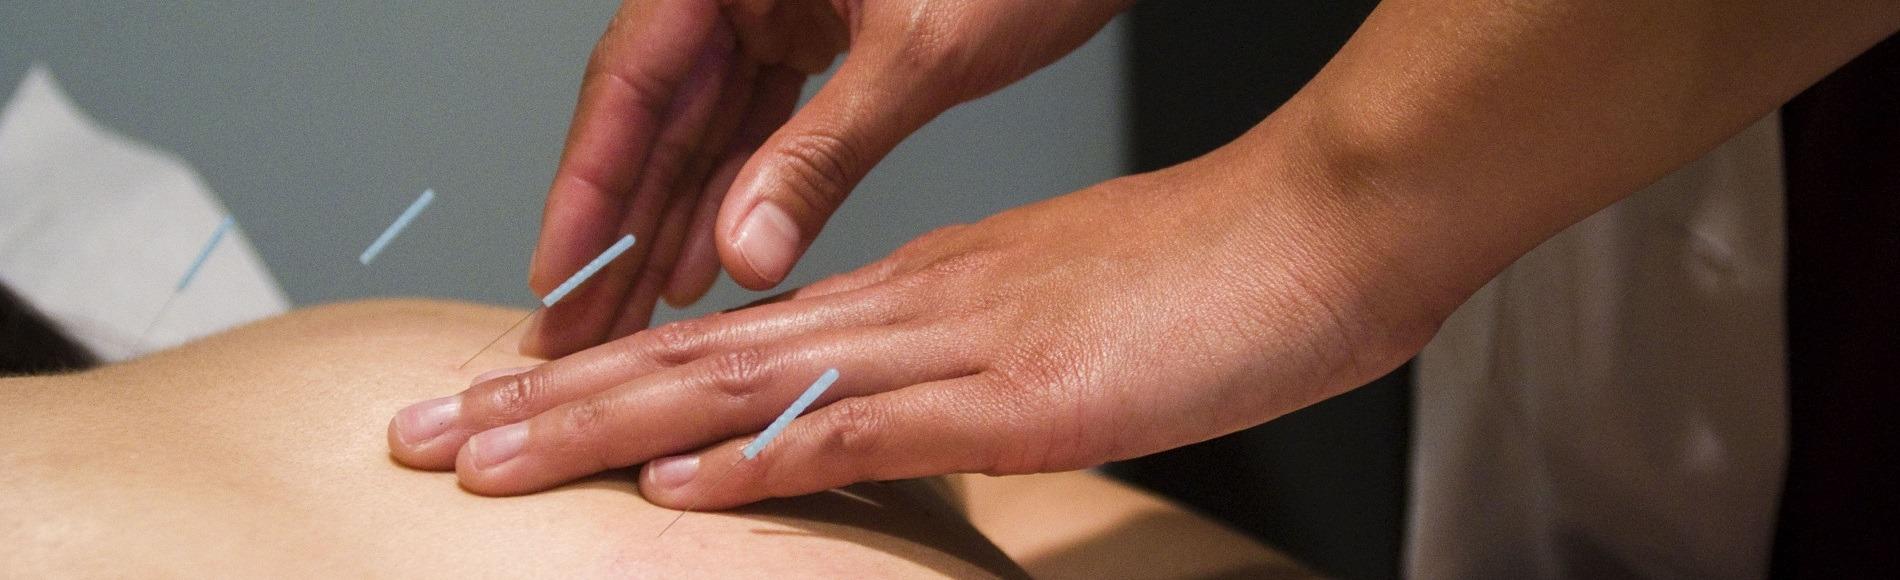 acupuncture-neck